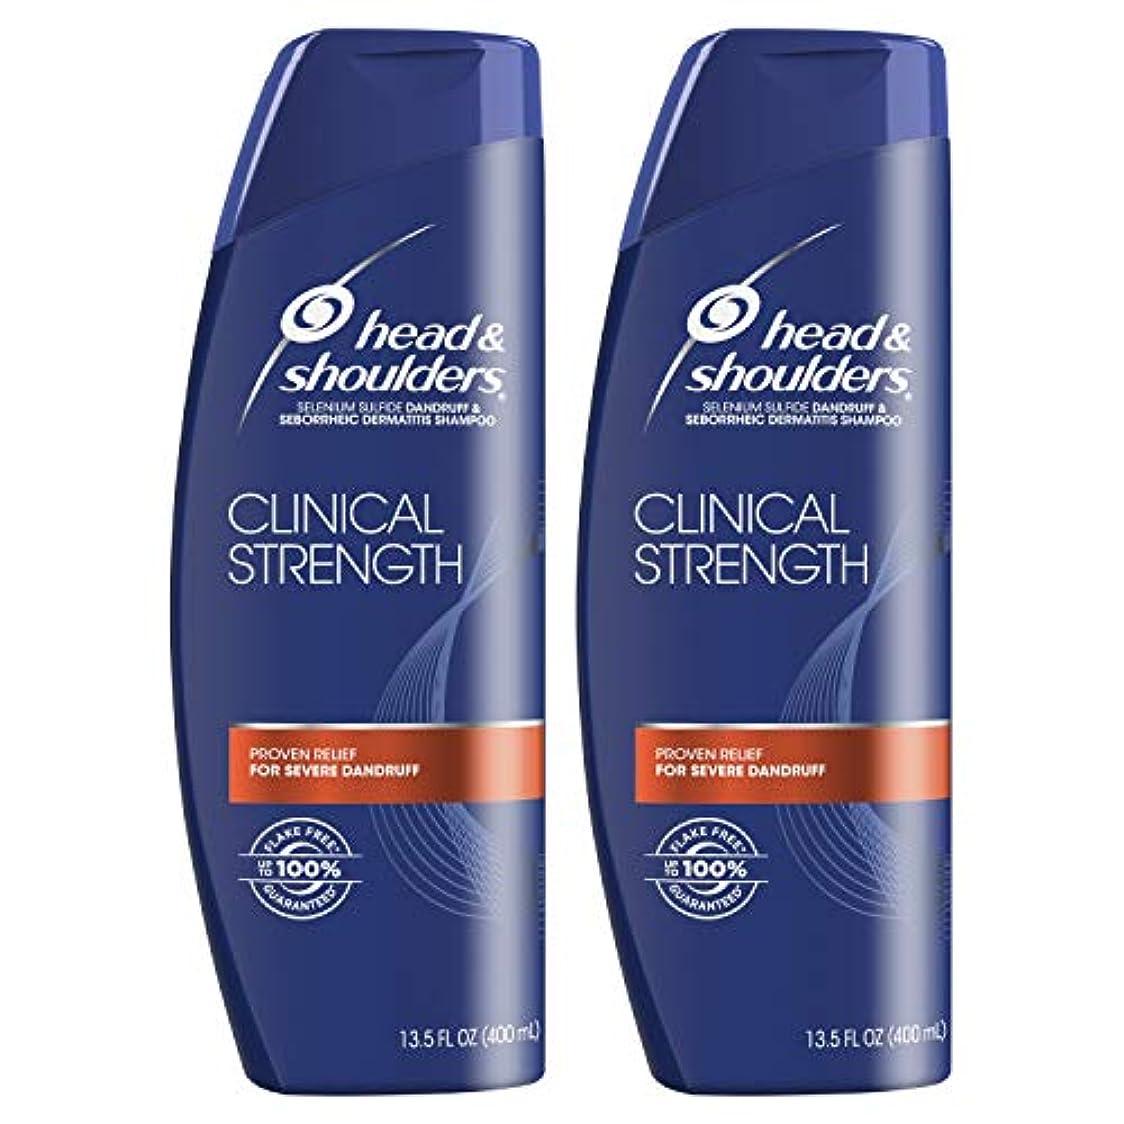 飢えた緩やかな山積みのHead and Shoulders Clinical Strength Dandruff and Seborrheic Dermatitisシャンプー、13.5 FL OZ